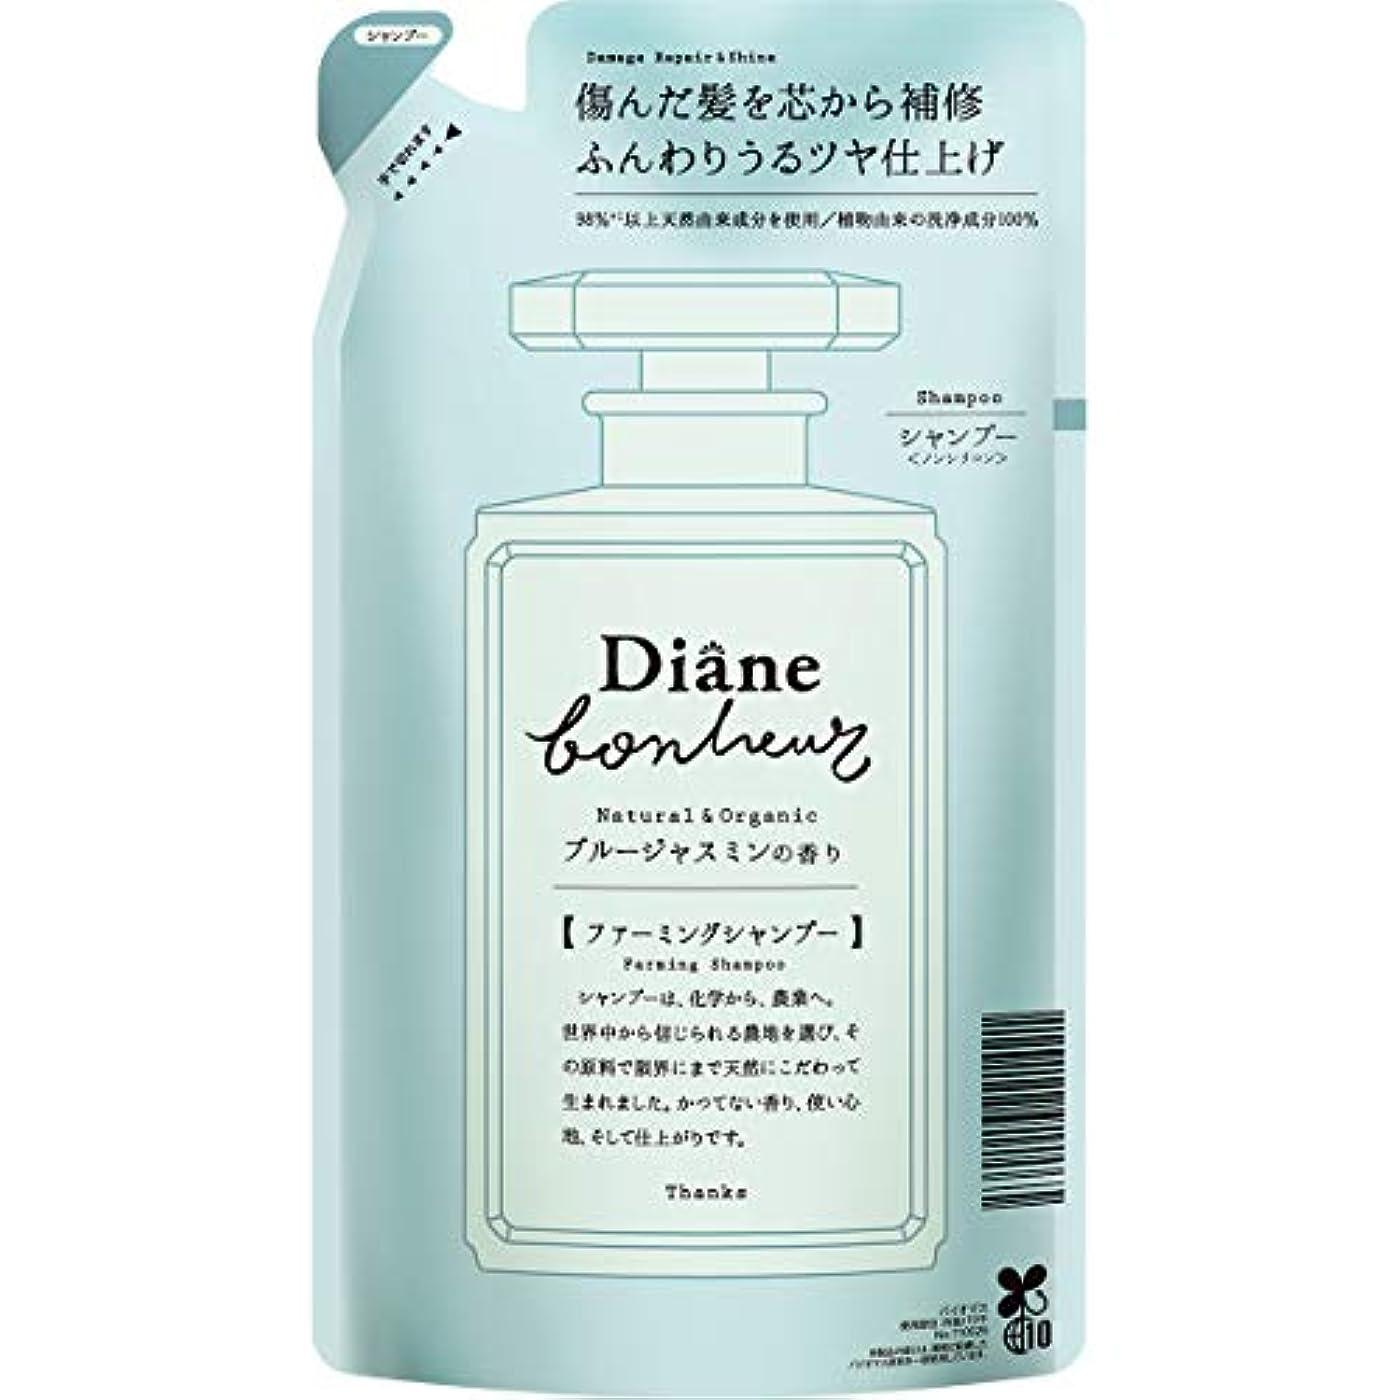 気を散らす南方の廊下ダイアン ボヌール シャンプー ブルージャスミンの香り ダメージリペア&シャイン 詰め替え 400ml